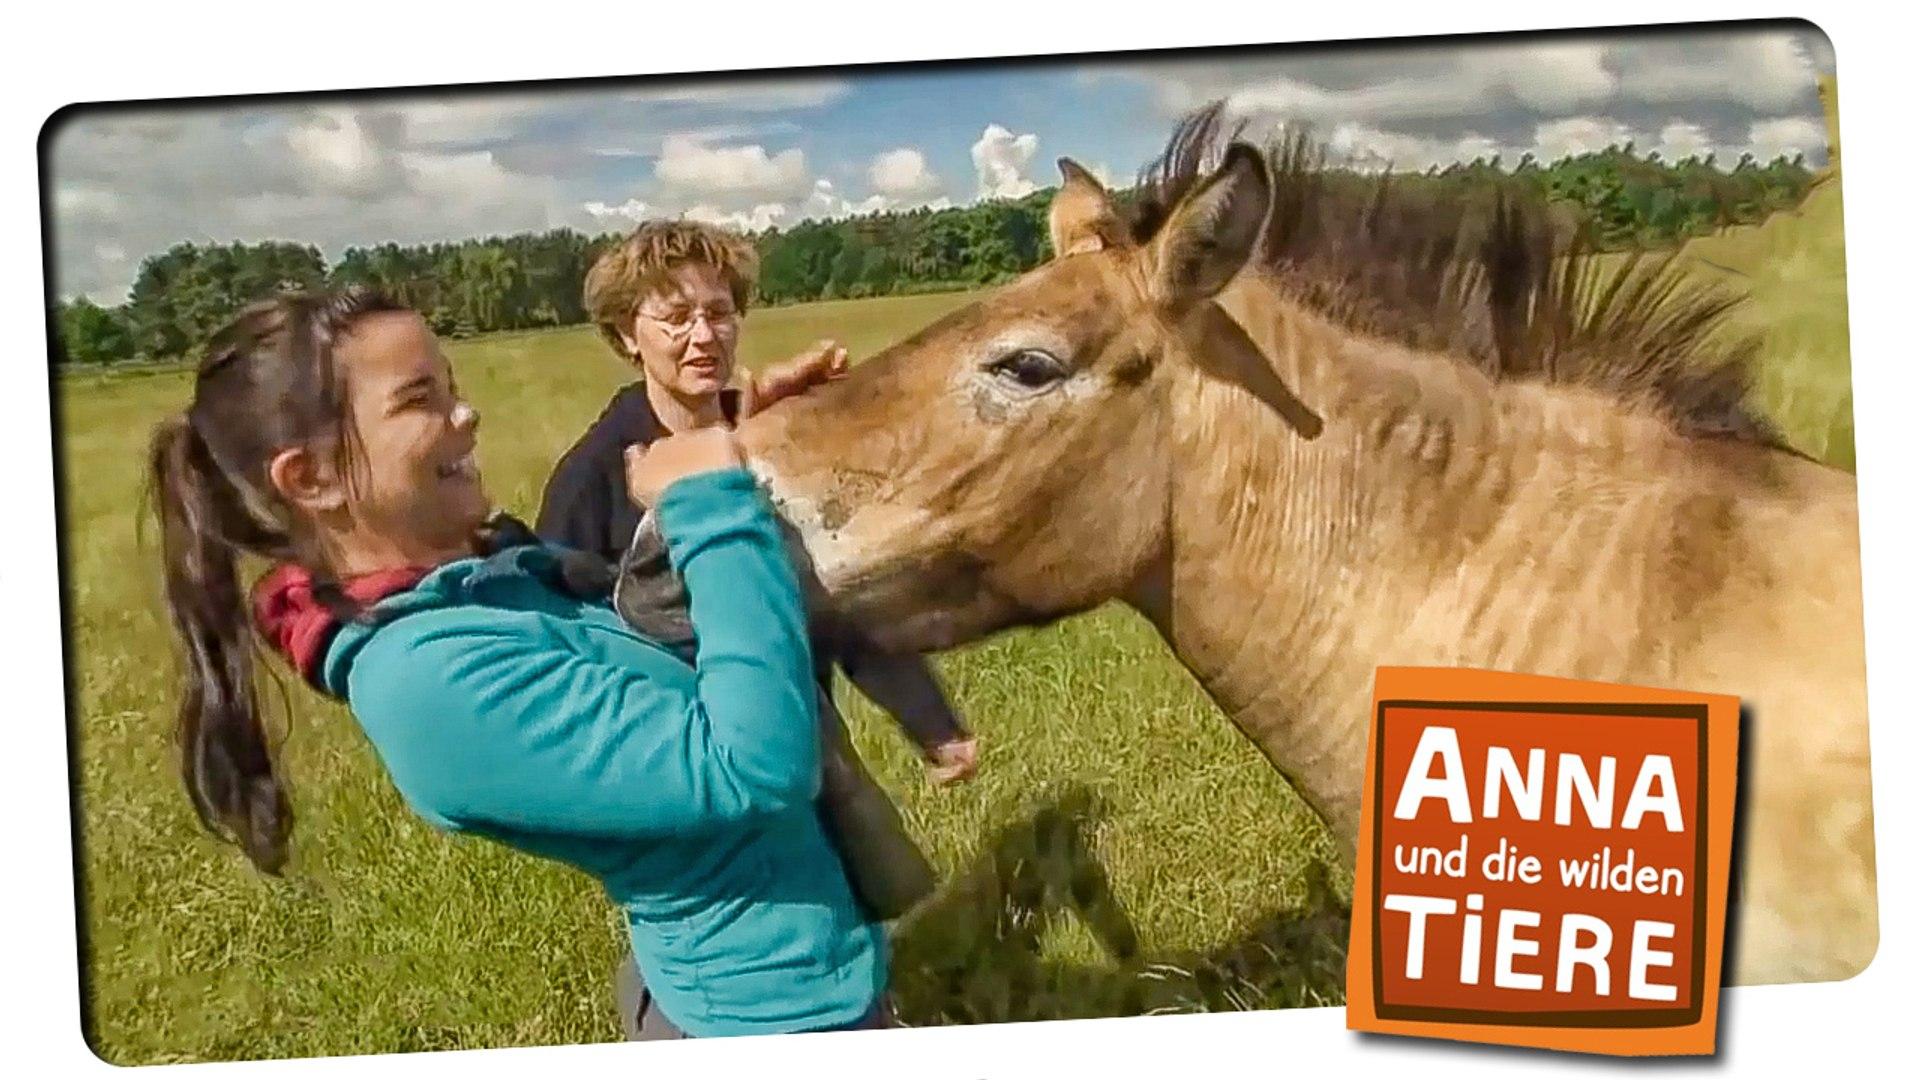 Anna Und Die Wilden Tiere Folge 1 Wie Wild Ist Das Wildpferd